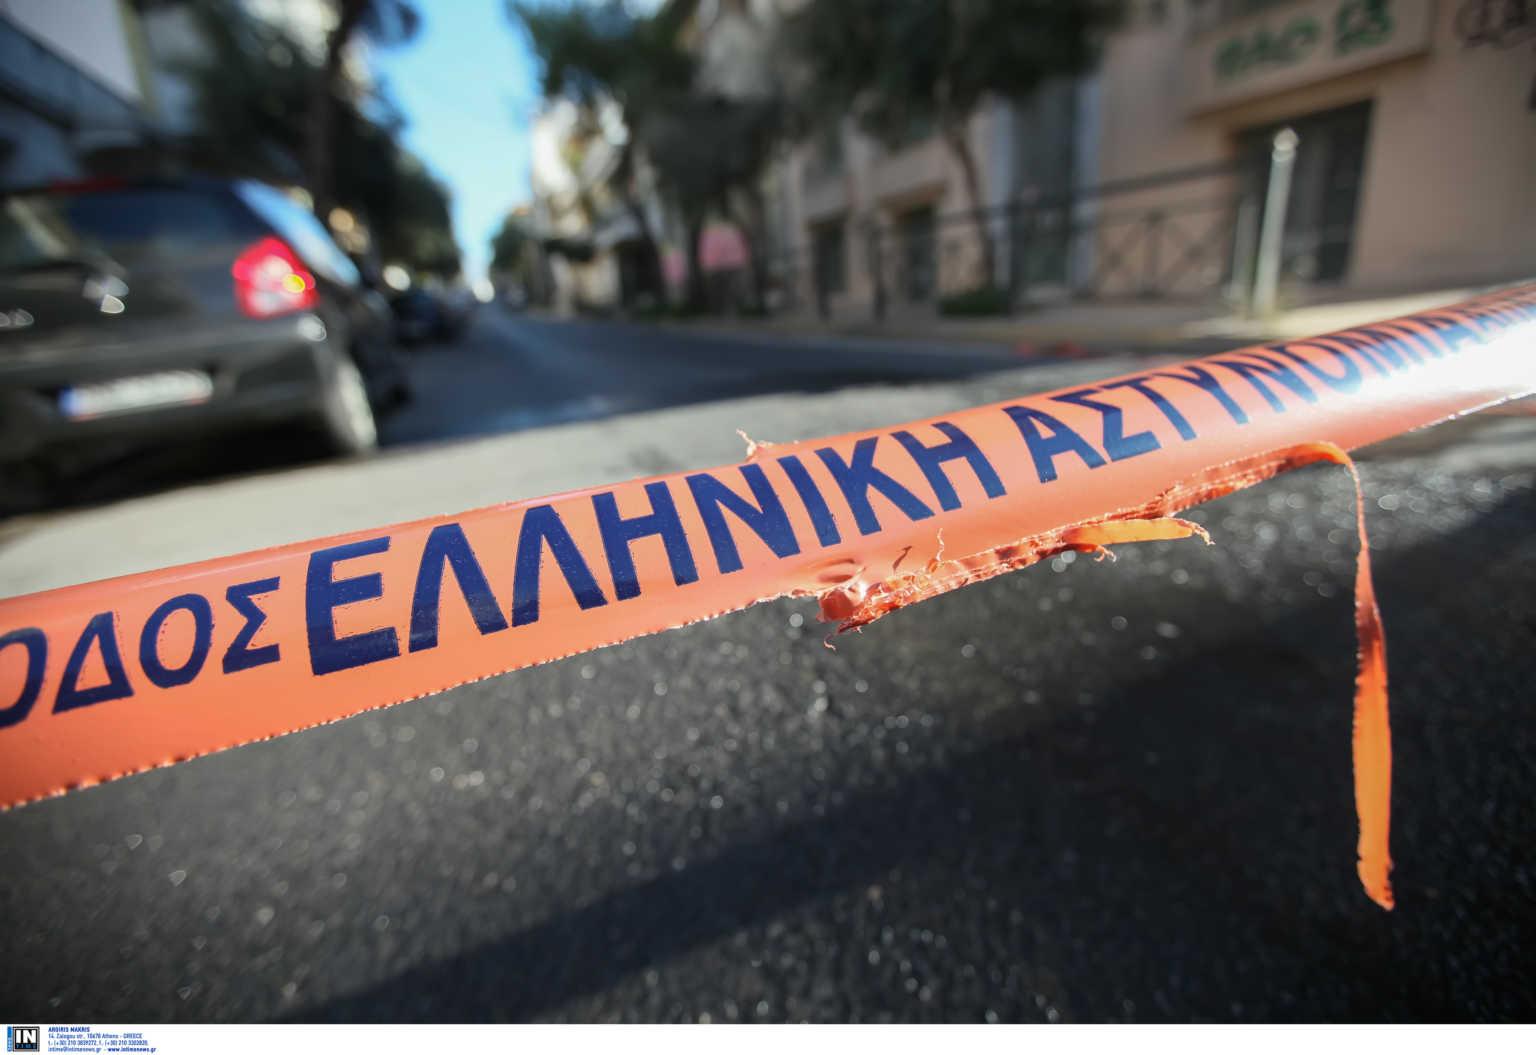 Θεσσαλονίκη: Η ανακοίνωση της Αστυνομίας για την ένοπλη επίθεση οπαδών του Άρη σε οπαδούς του ΠΑΟΚ